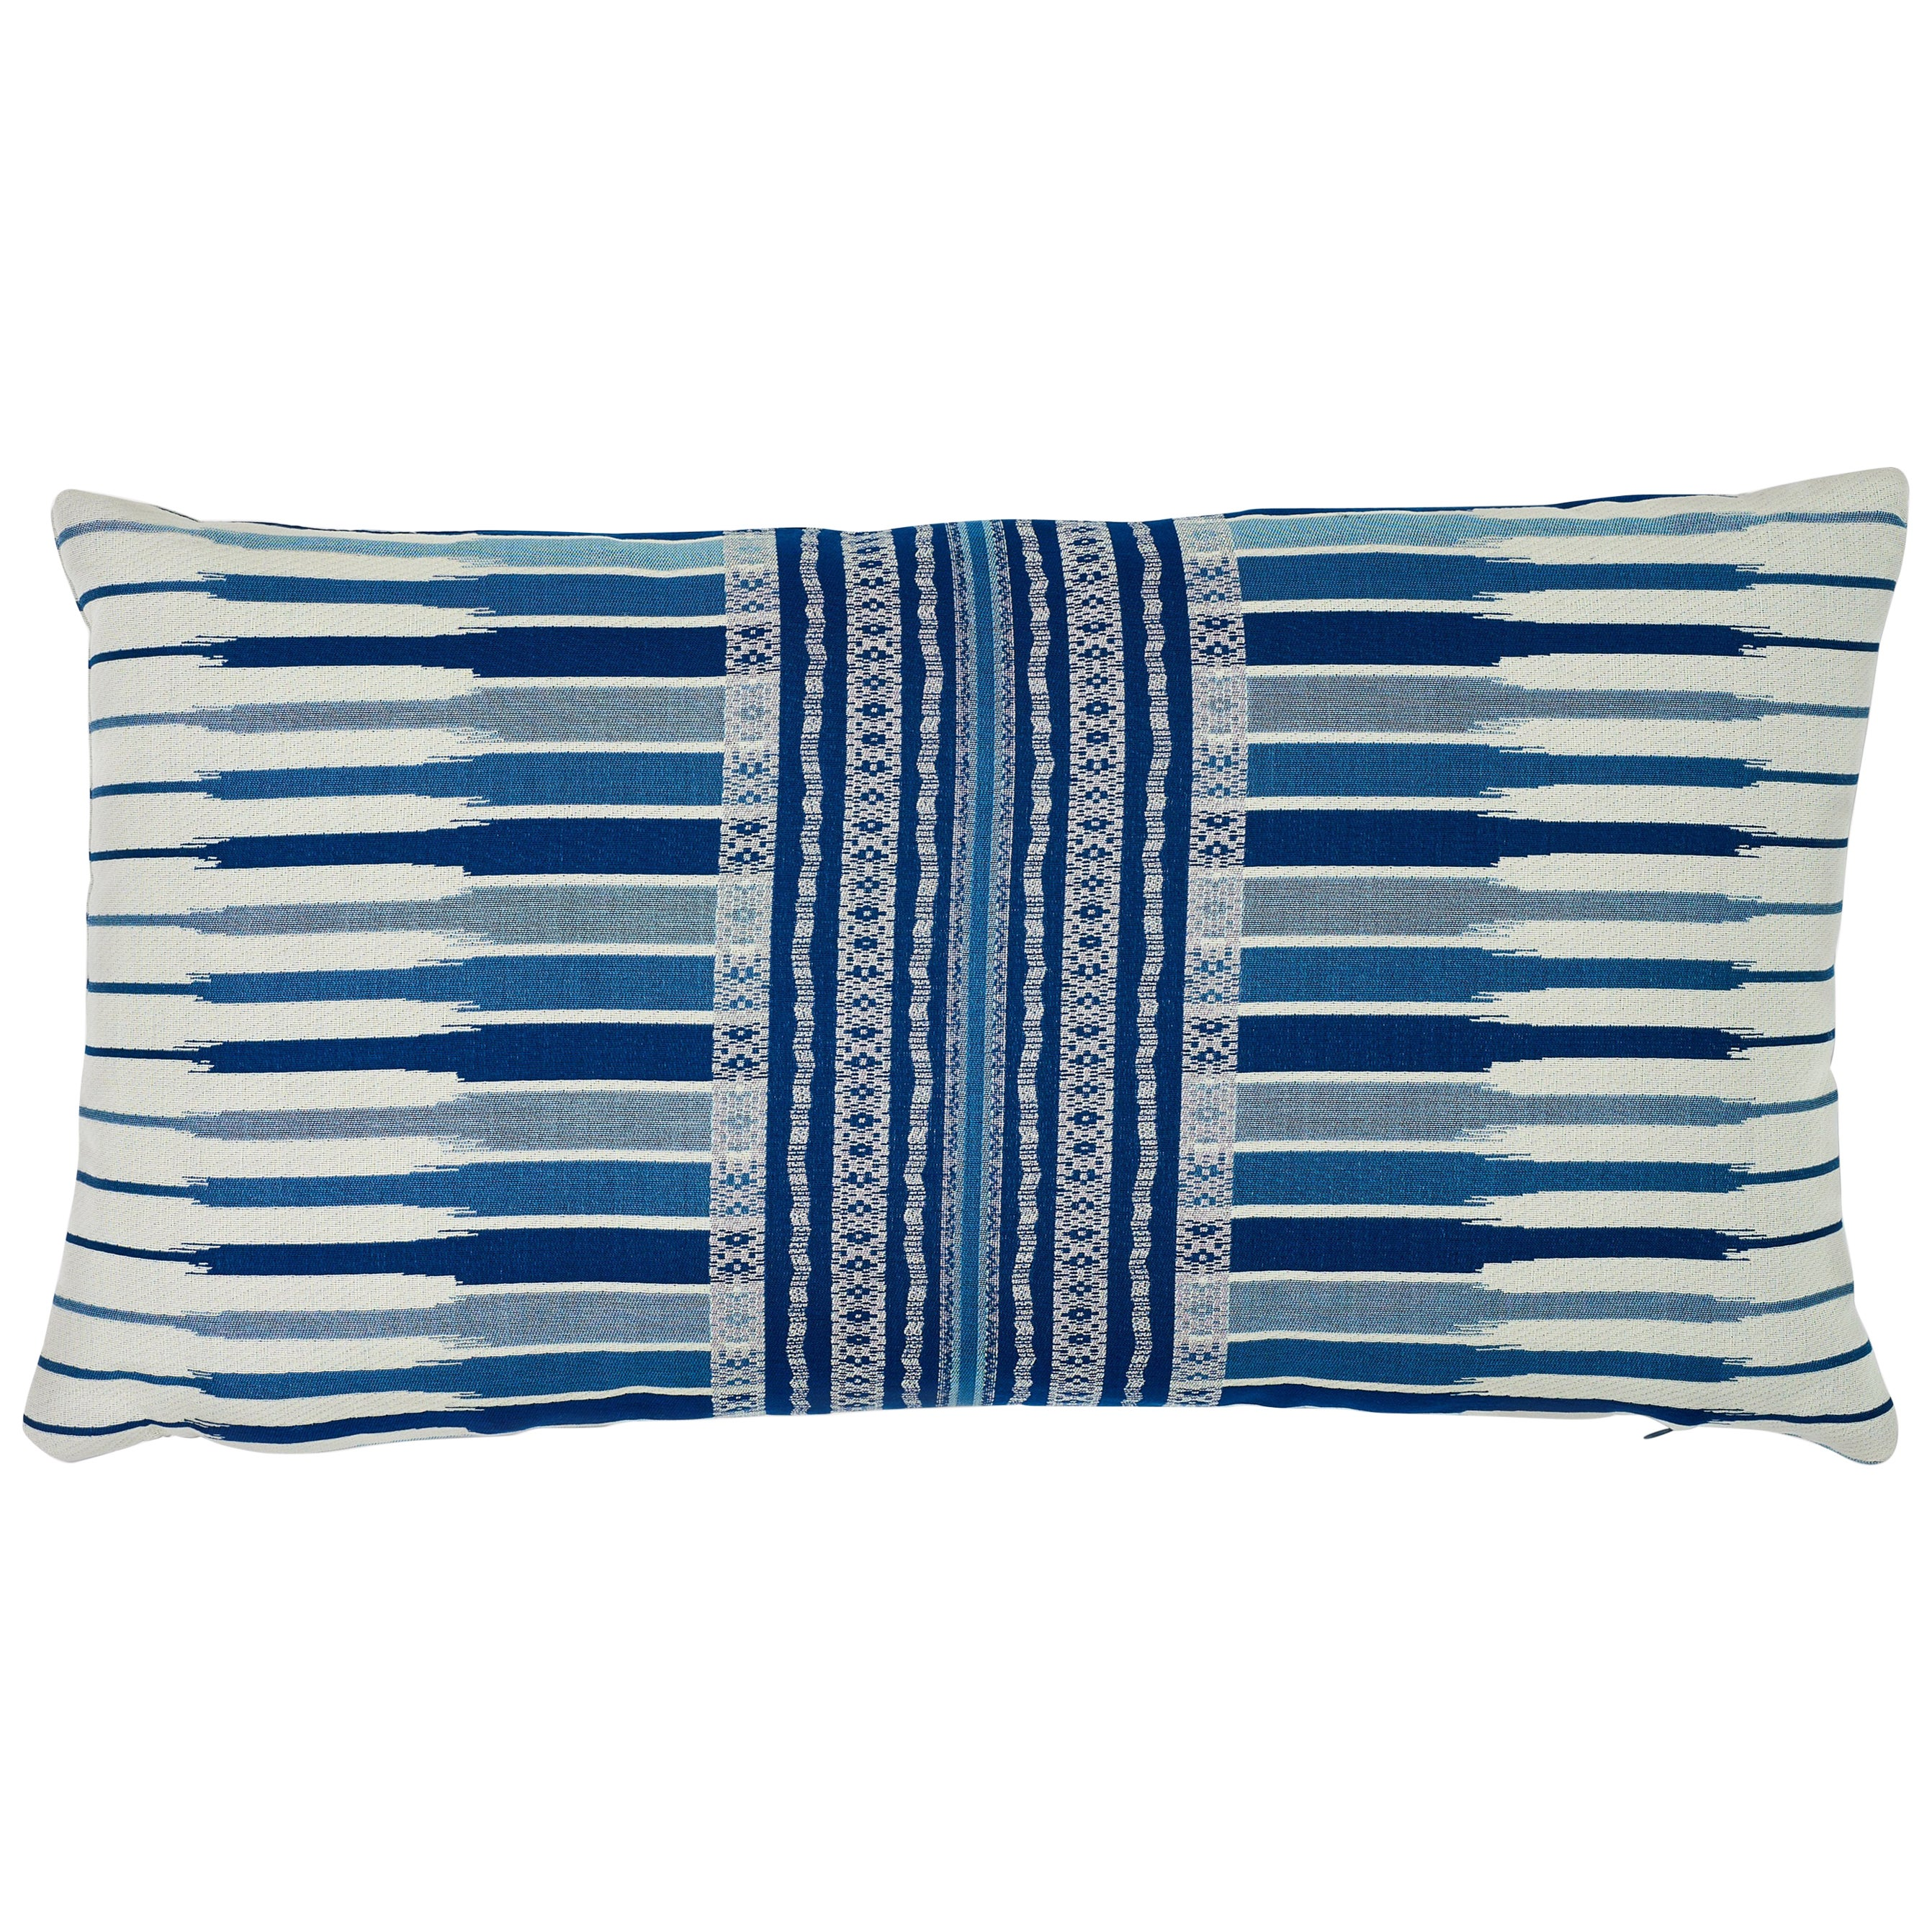 Schumacher Atchison Blue Two-Sided Cotton Lumbar Pillow